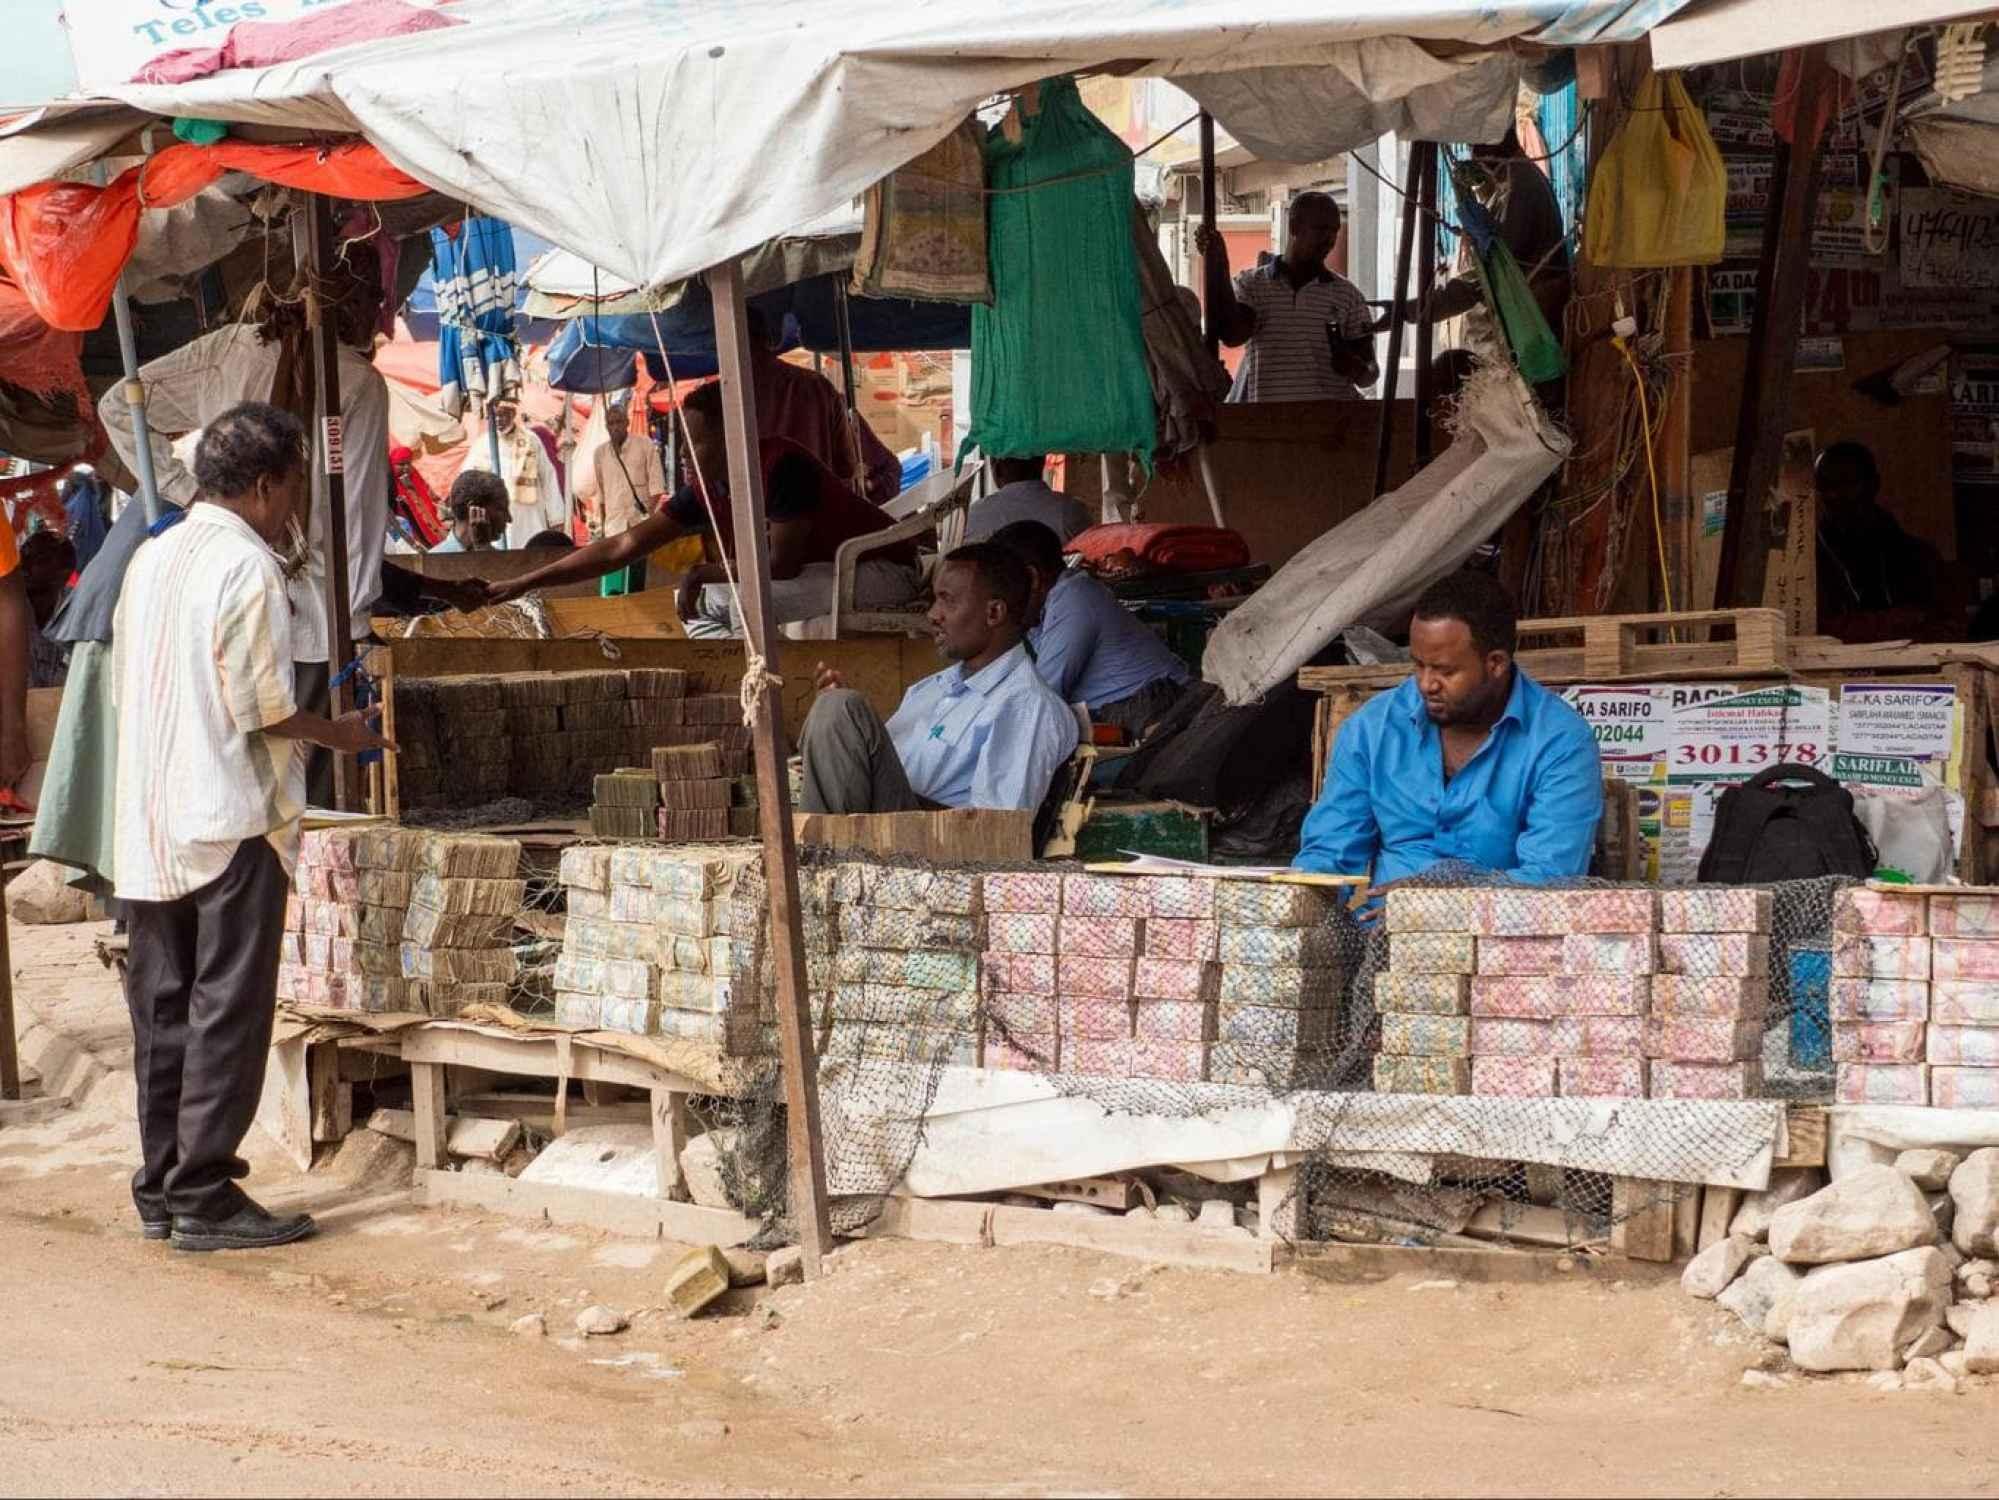 Money changers in Hargeisa